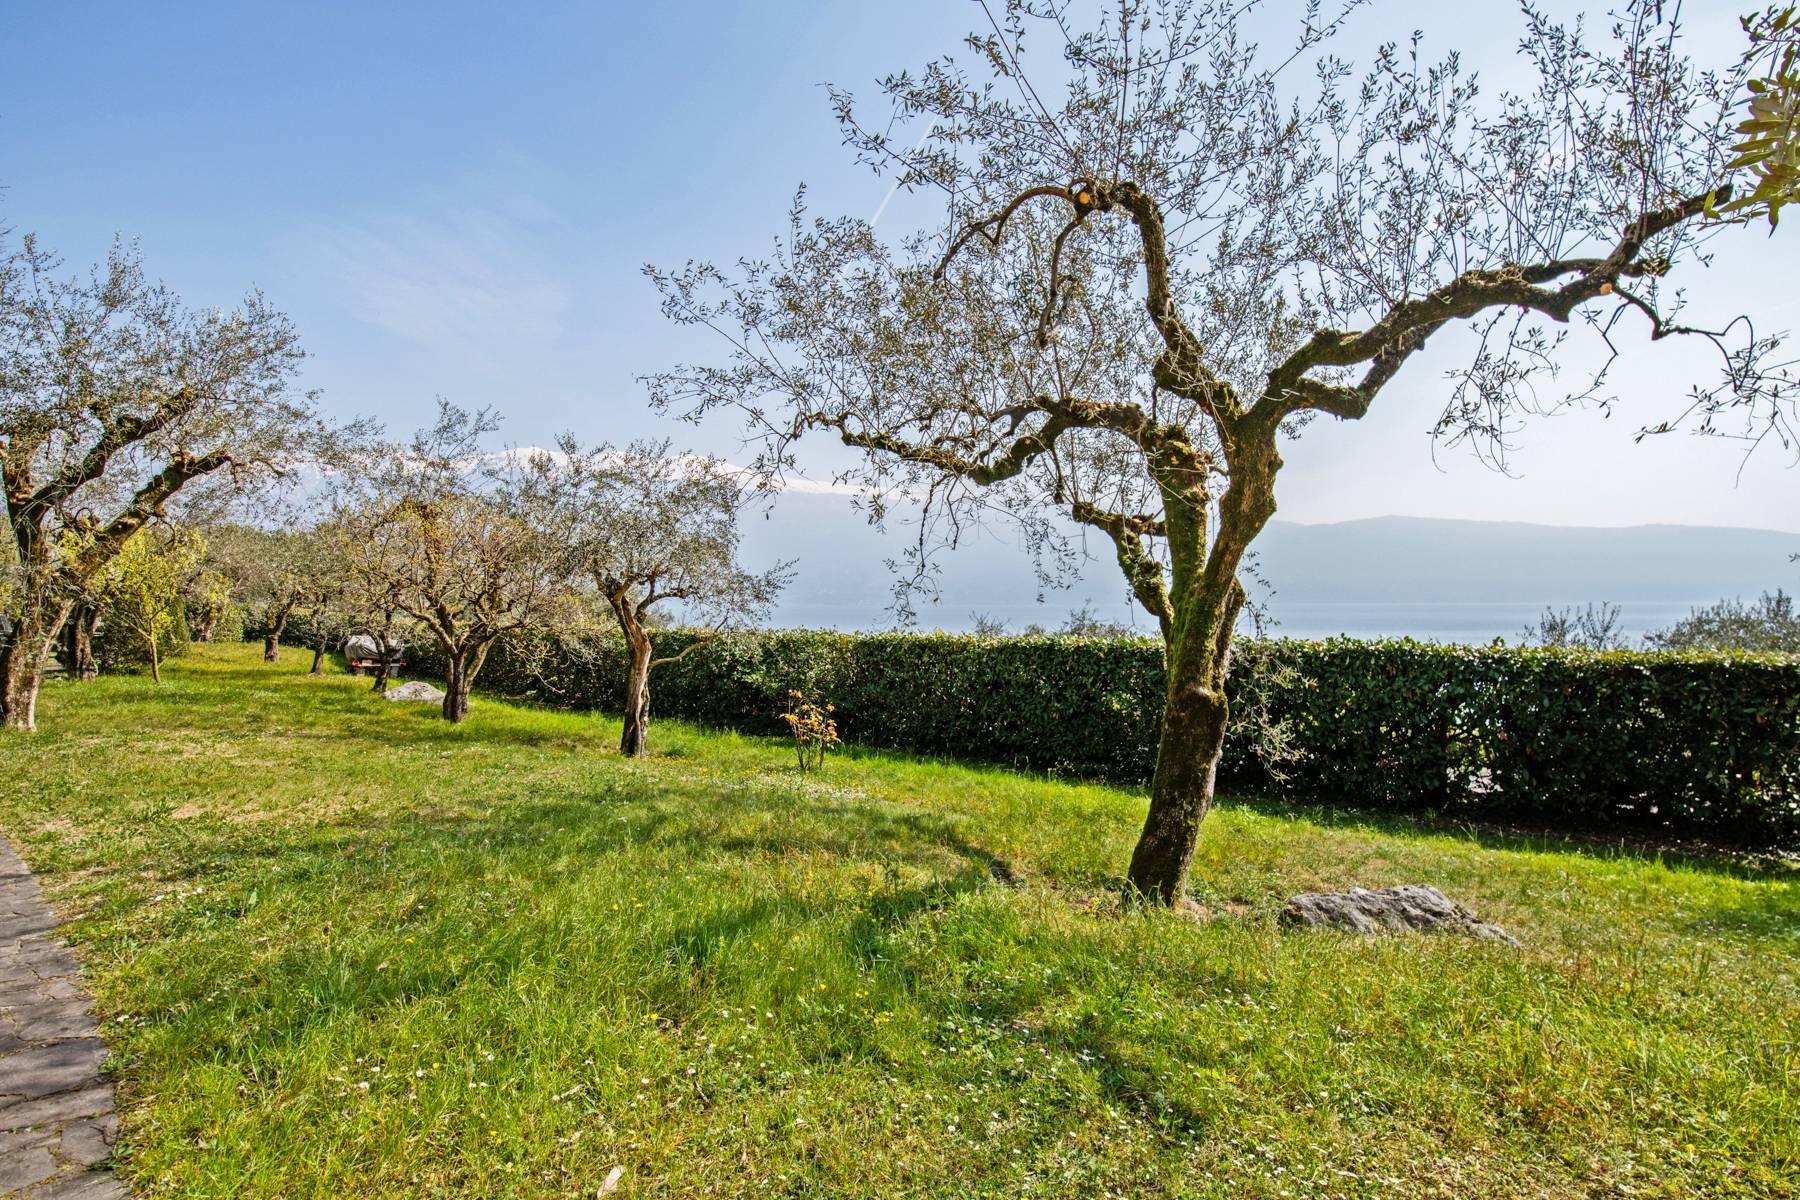 Villa in Vendita a Gargnano: 5 locali, 330 mq - Foto 24